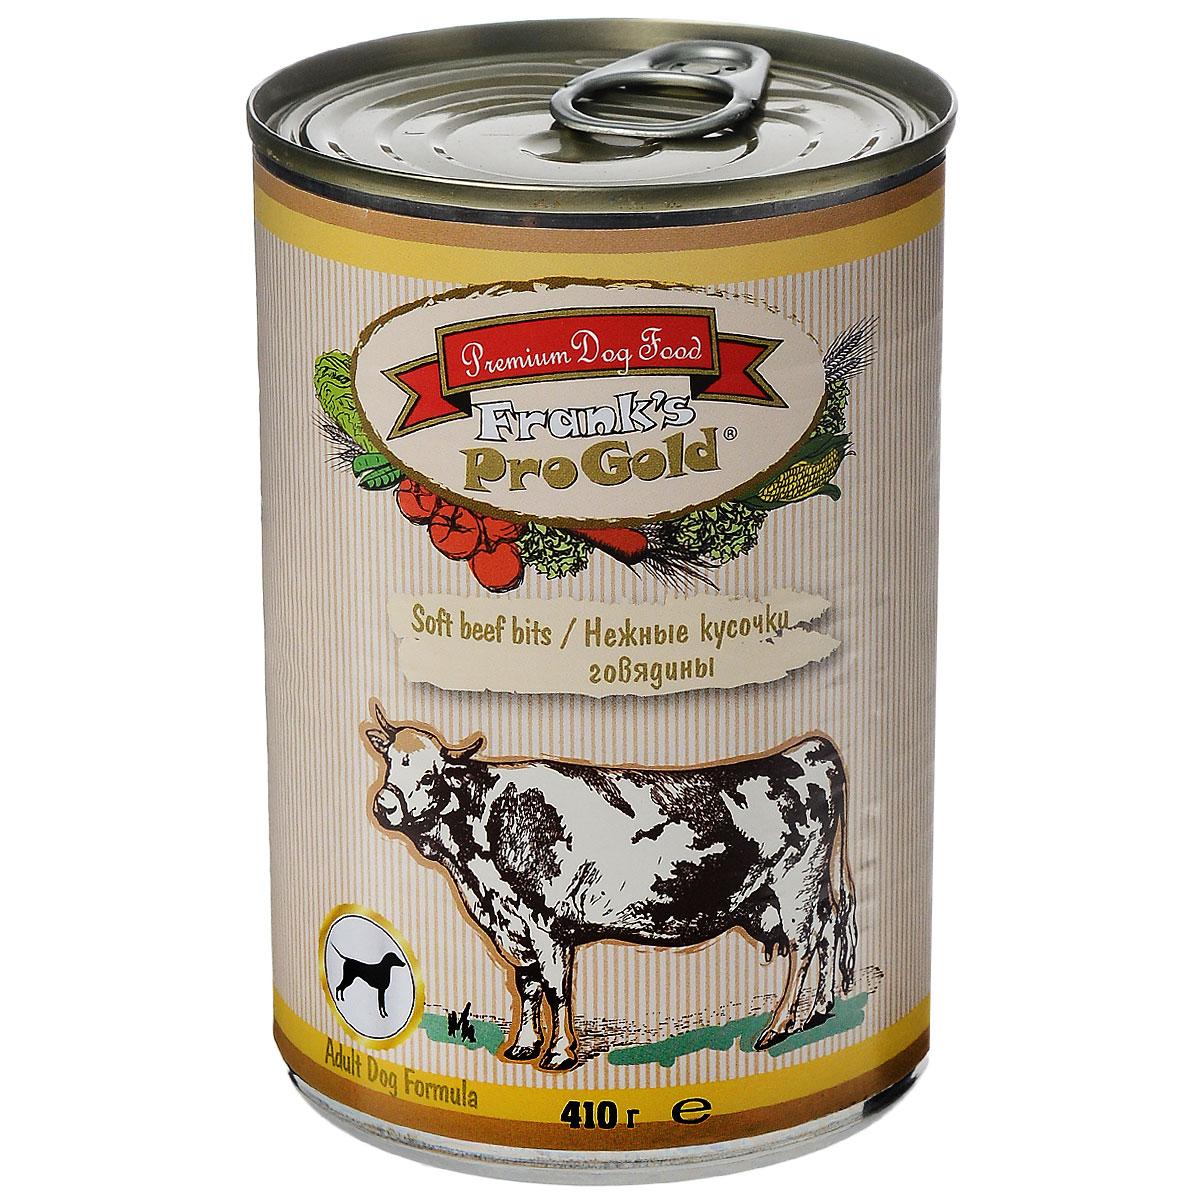 Franks ProGold Консервы для собак Нежные кусочки говядины (Soft beef bits Adult Dog Recipe), 410 г.0120710Полнорационный корм для собак. Состав: мясо курицы, говядина, мясо и его производные, злаки, витамины и минералы.Пищевая ценность: влажность 81 %,белки 6,5 %, жиры 4,5 %, зола 2 %, клетчатка 0,5.Добавки: Витамин A 1600 IU, Витамин D 140 IU, Витамин E 10 IU, Железо E1 24 мг/кг, Марганец E5 6 мг/кг, Цинк E6 15 мг/кг, Иодин E2 0,3 мг/кг. Калорийность: 393,6 калл. Условия хранения: в прохладномтемном месте.